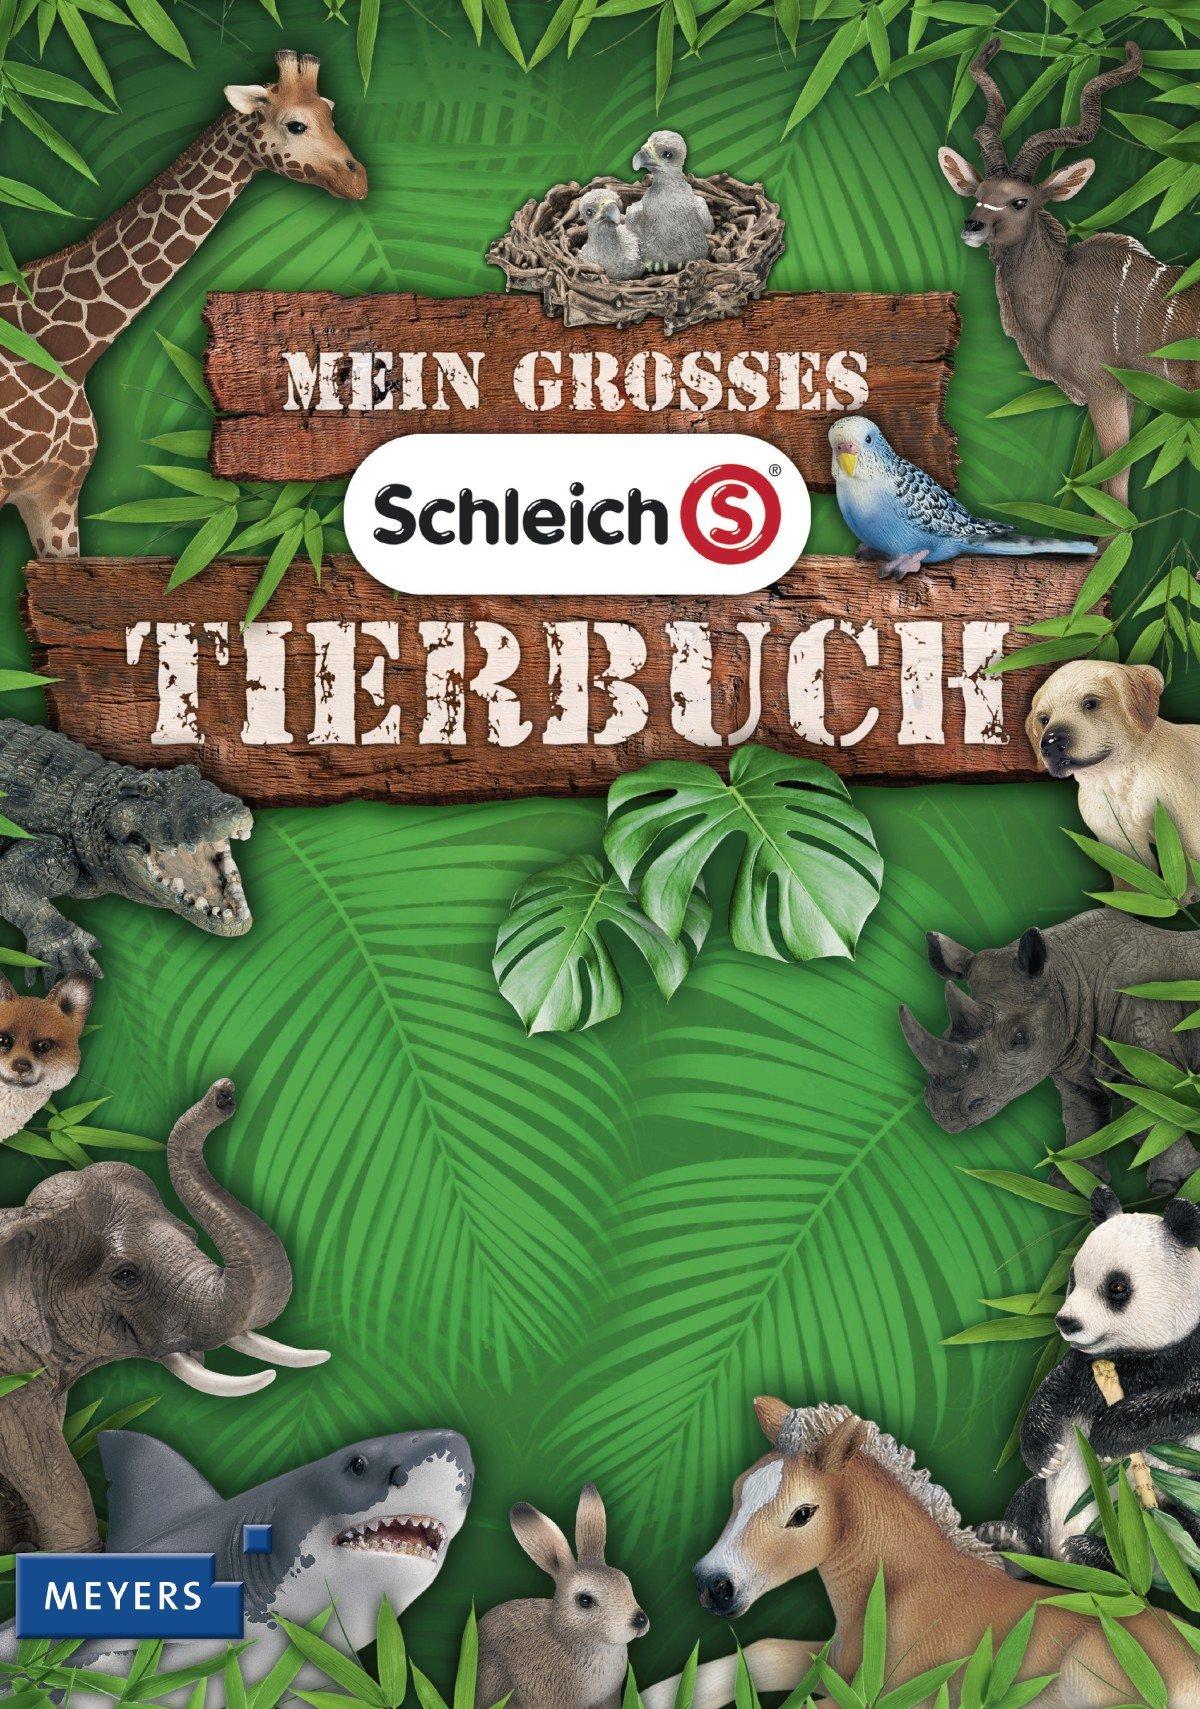 Mein großes Schleich-Tierbuch: Mit exklusiver Schleich-Tierfigur Tigerjunges